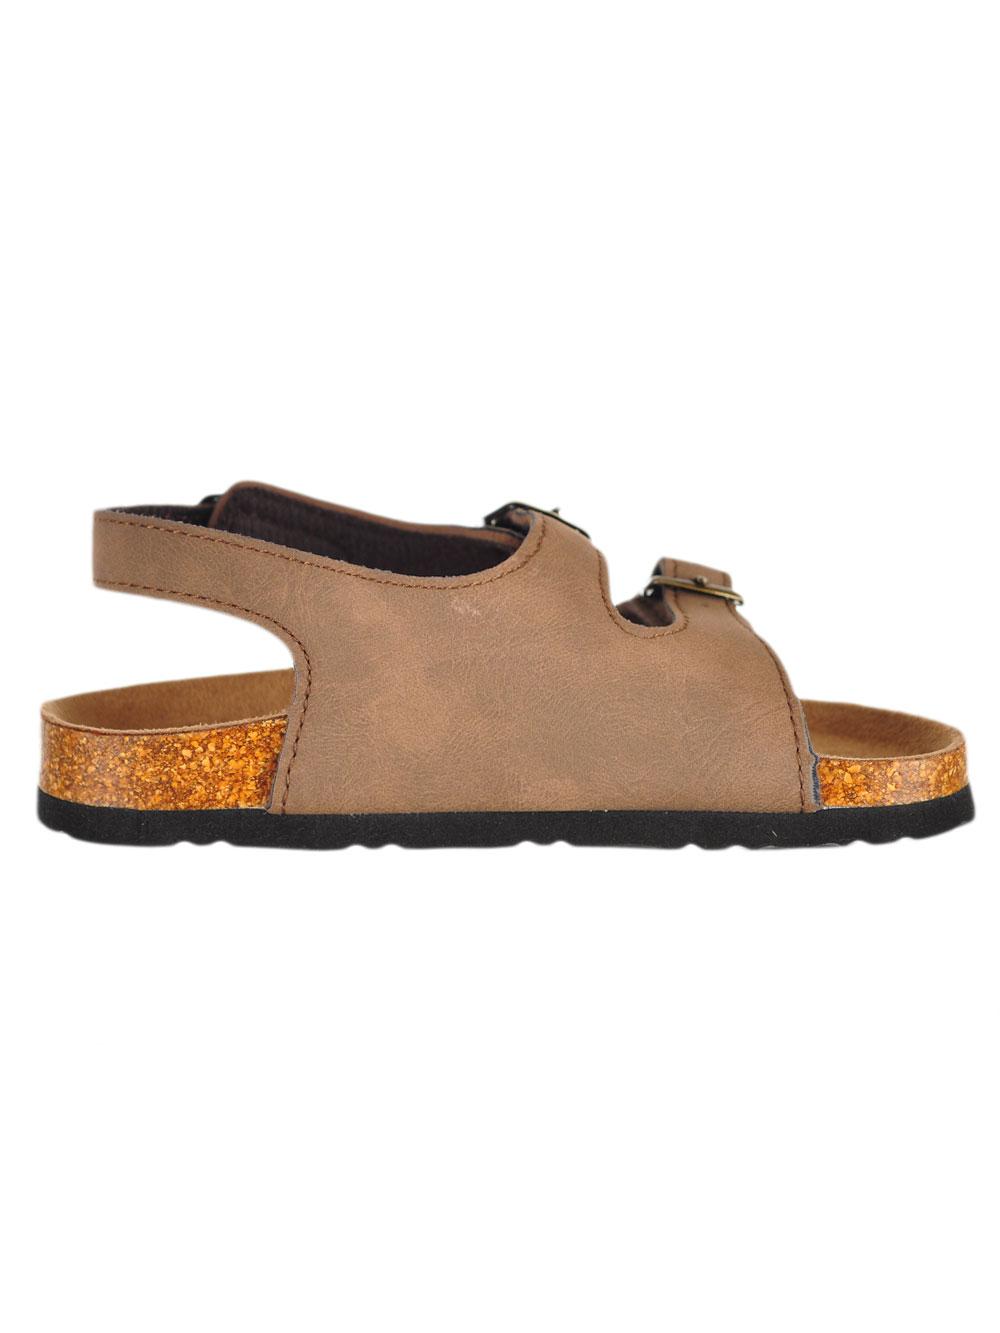 Details about Northside Boys' Phoenix Sandals (Sizes 5 - 10)